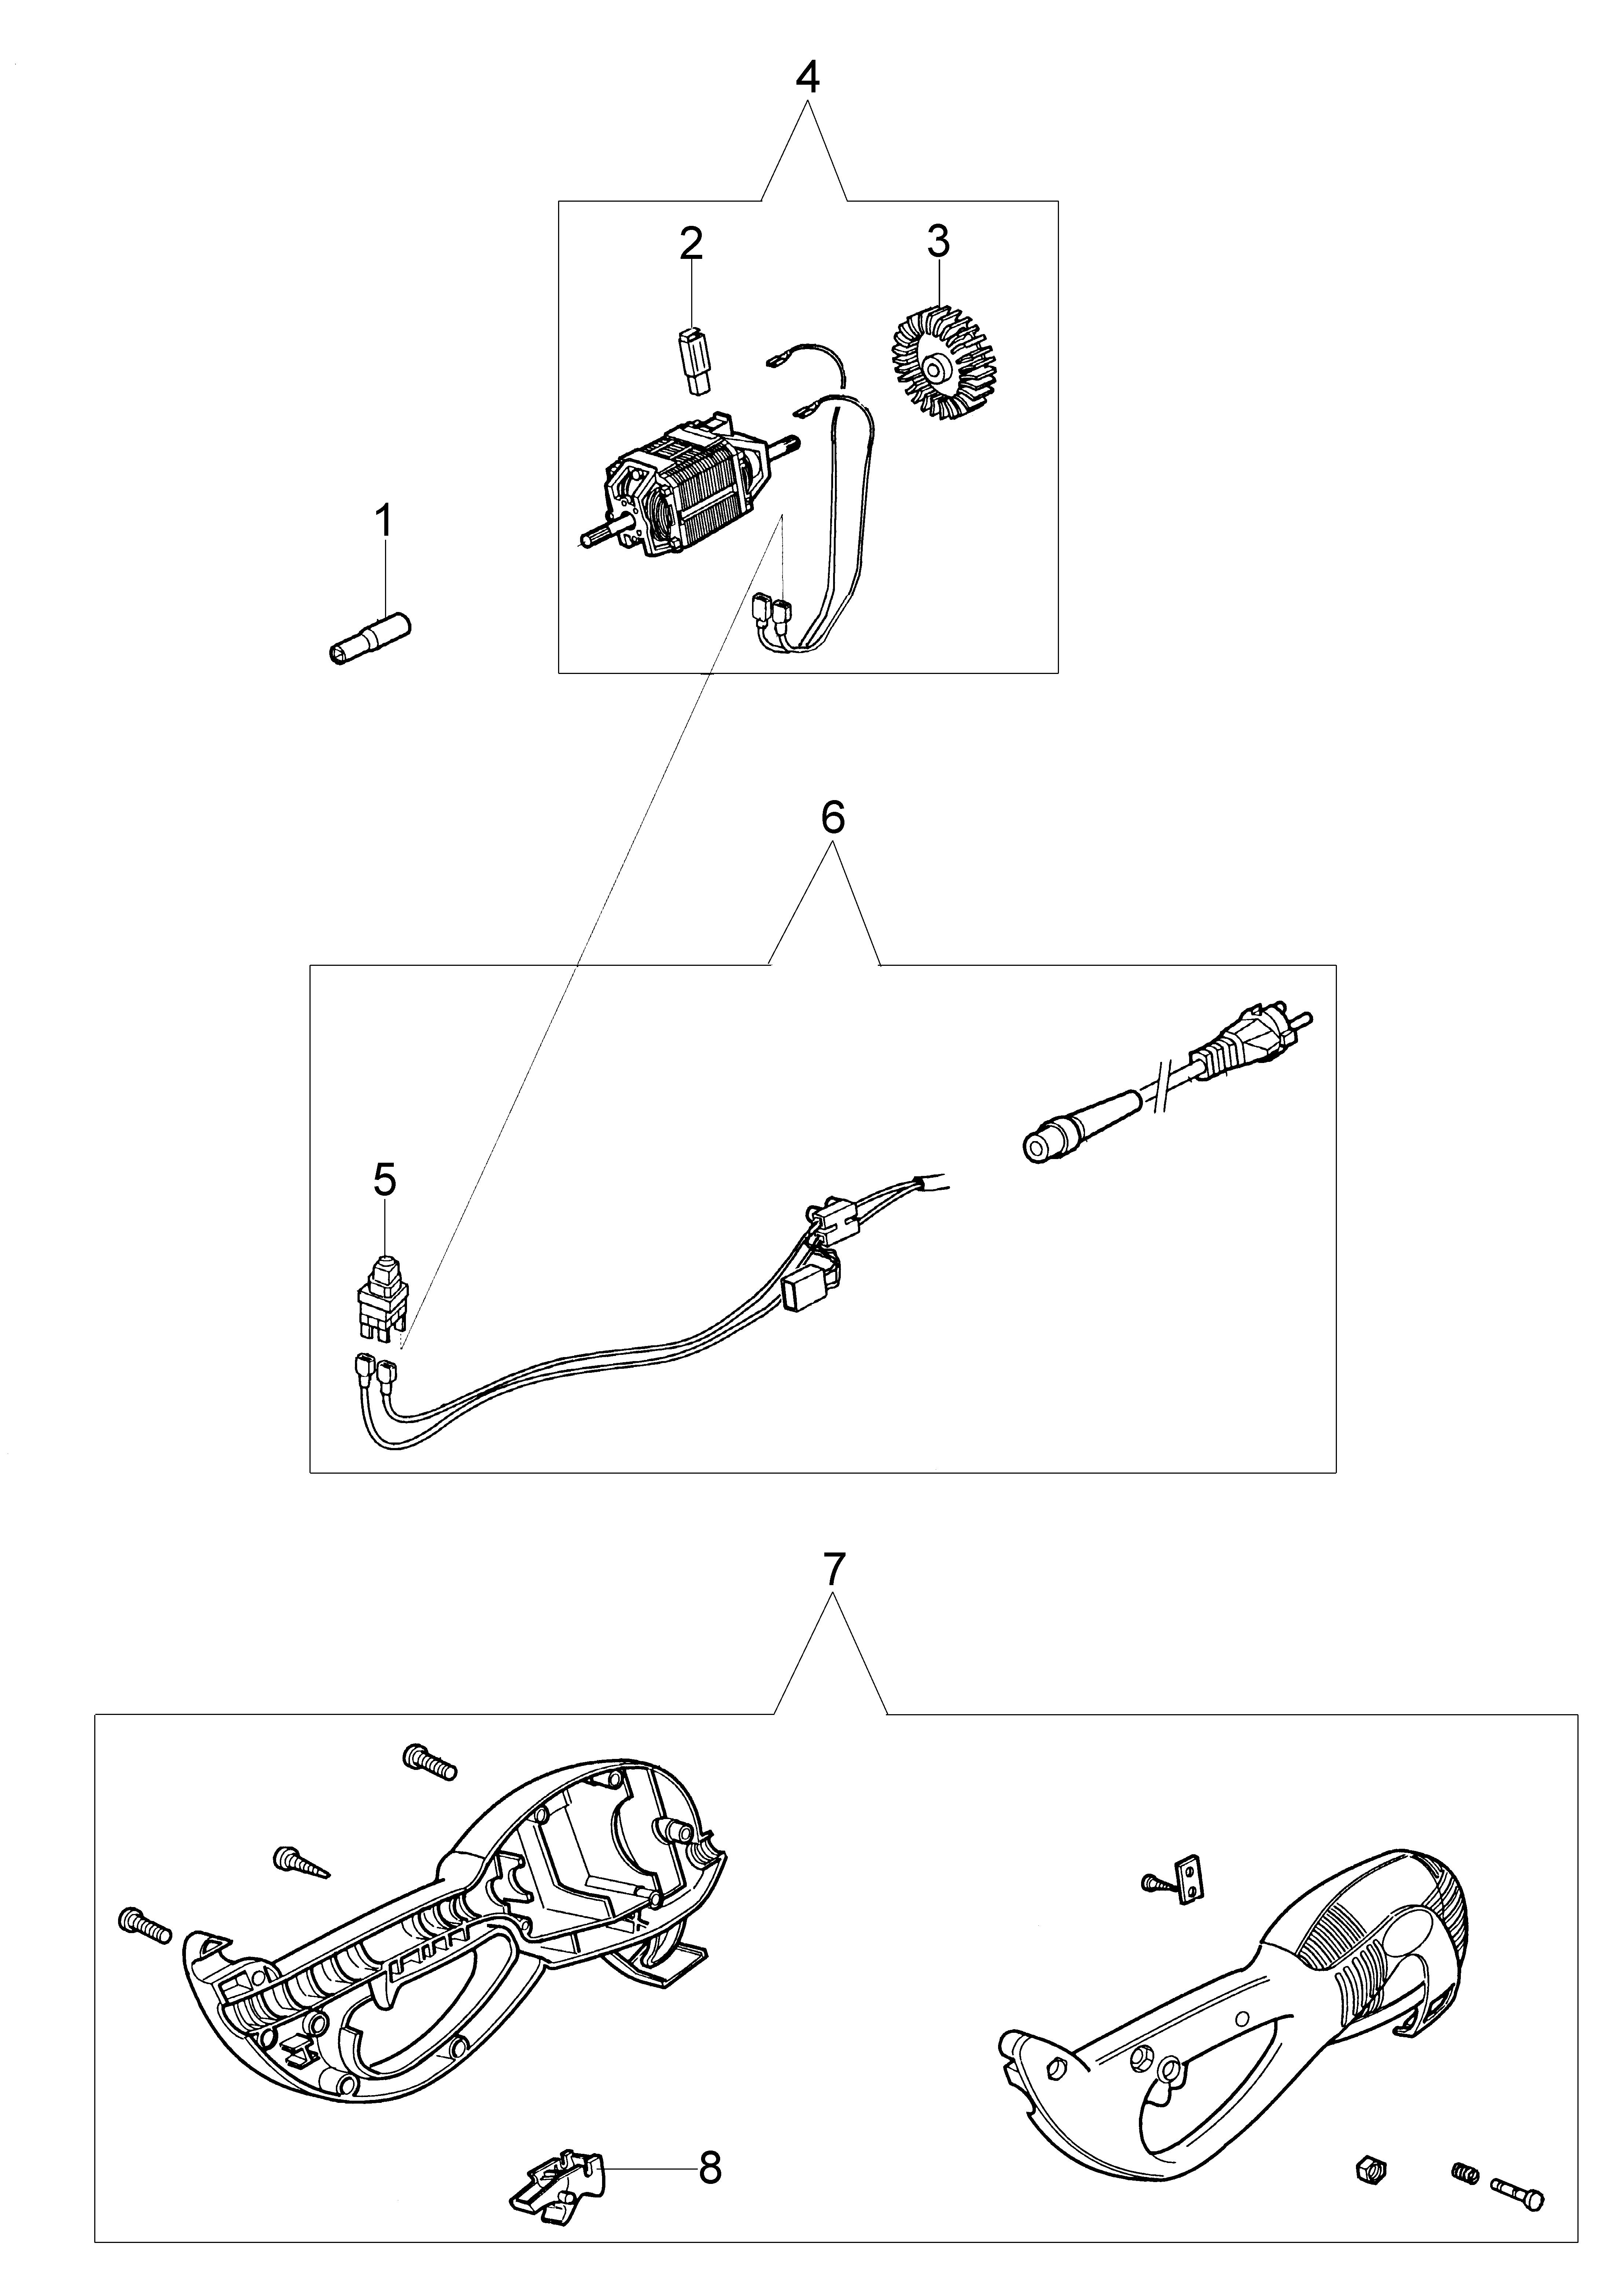 TR 61 E Débroussailleuse électrique oleomav Dessins pièces vue éclatée Moteur (SN 308xxxxxxx)